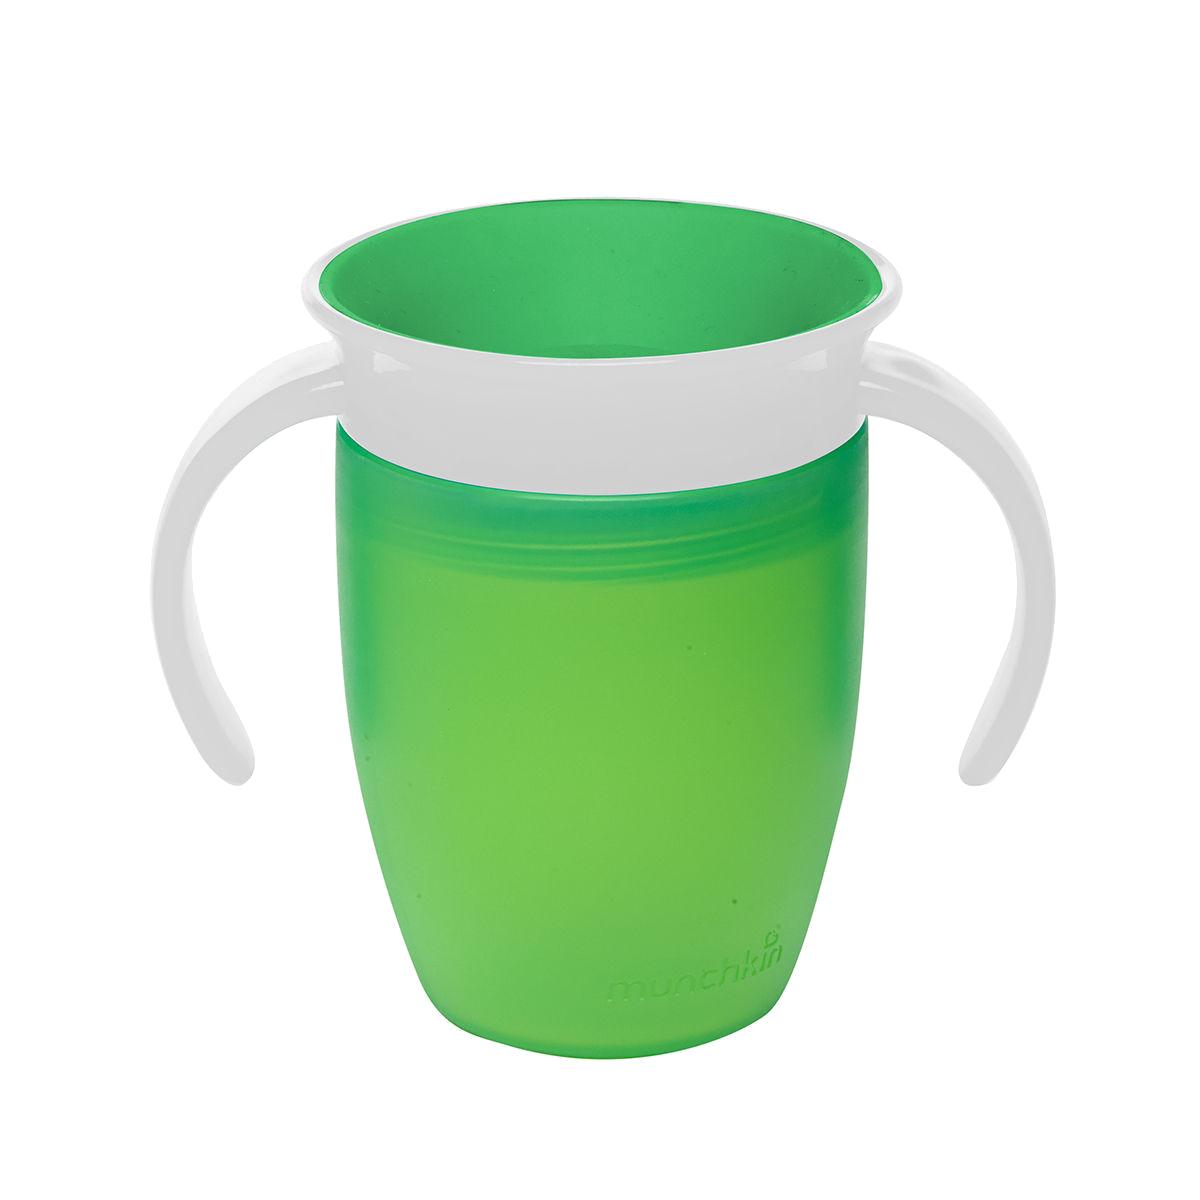 Εκπαιδευτικό πράσινο ποτήρι 207ml Miracle 360° Munchkin